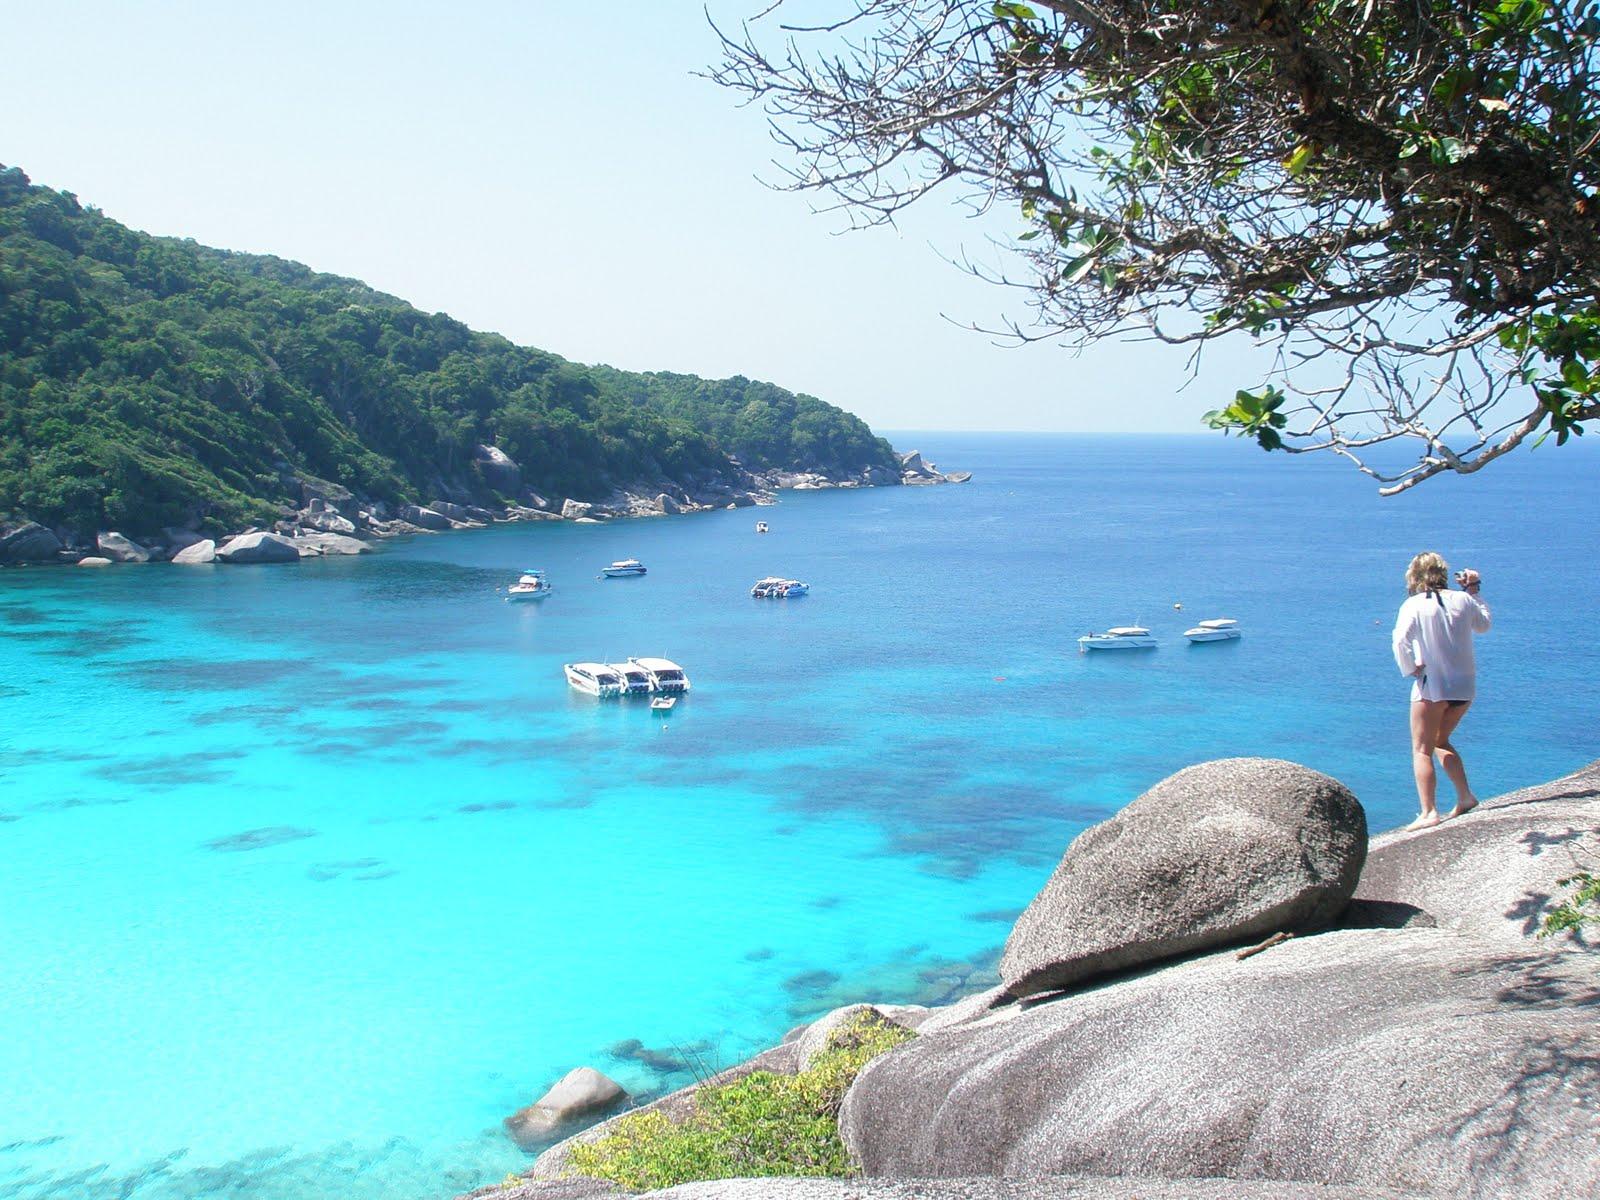 Escursione similan islands il paradiso in terra for Dormire a phuket